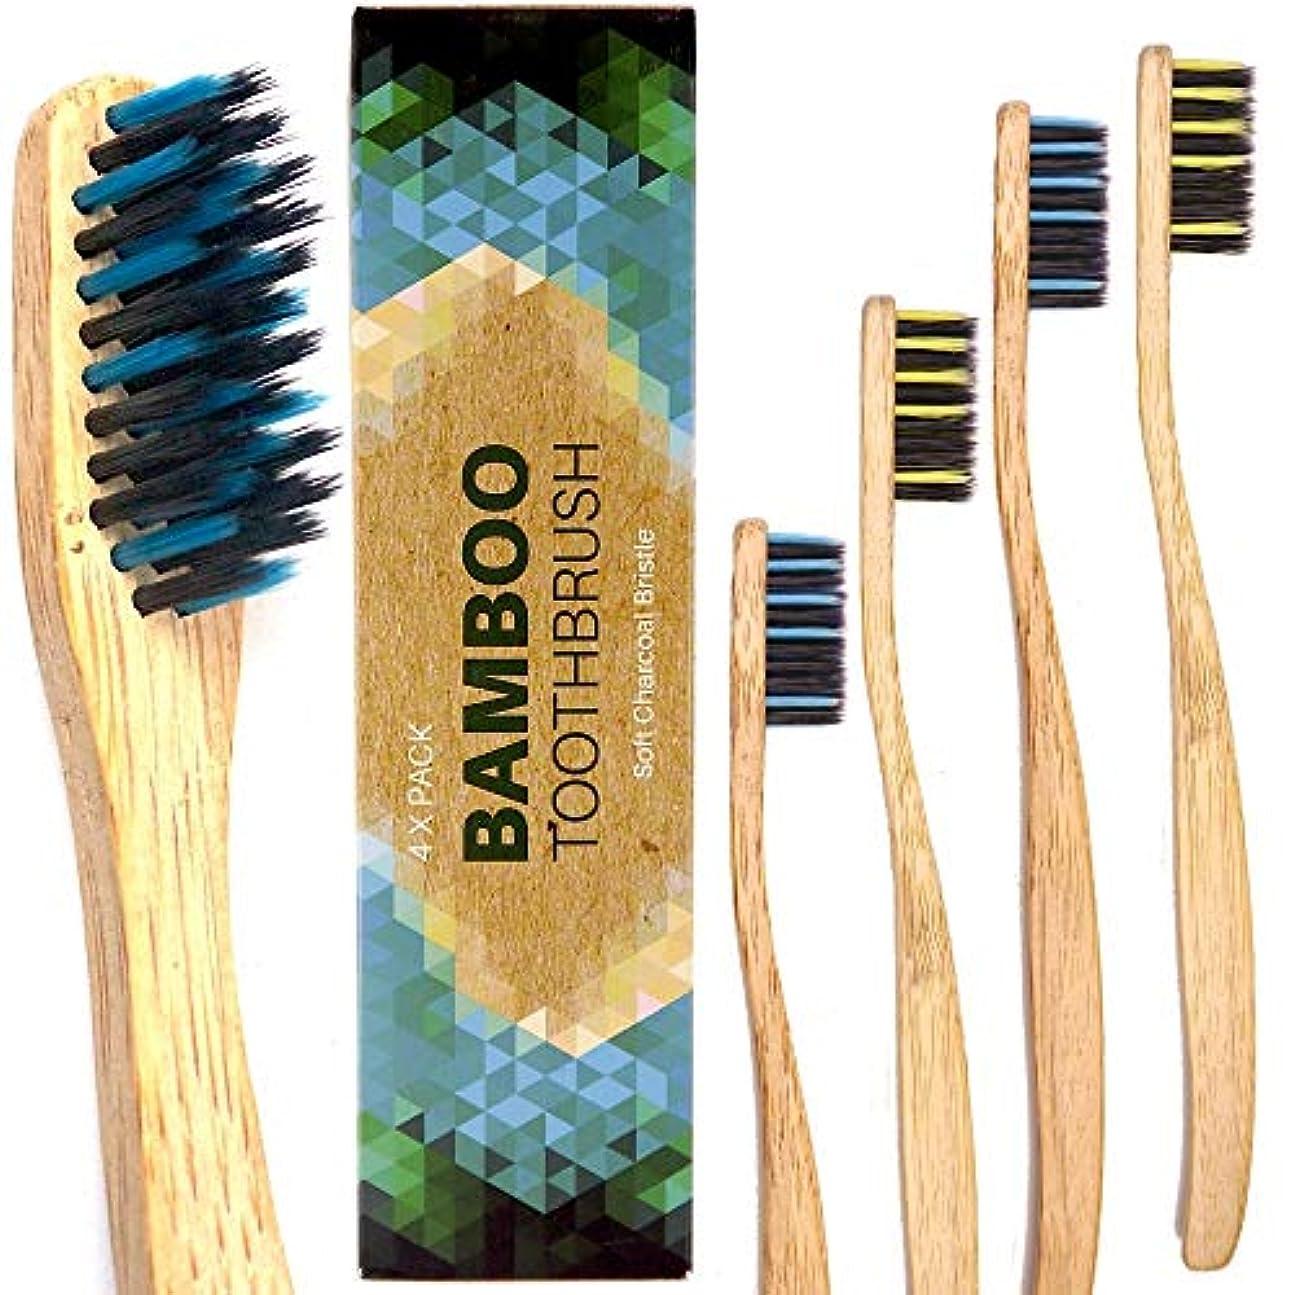 誠実さ贅沢最初竹製歯ブラシ。チャコールブリストル大人 - ミディアム及びソフト、生分解性、ビーガン、バイオ、エコ、持続可能な木製ハンドル4本パック4 Bamboo Toothbrushes, ホワイトニング 歯, ドイツの品質, 竹歯ブラシ